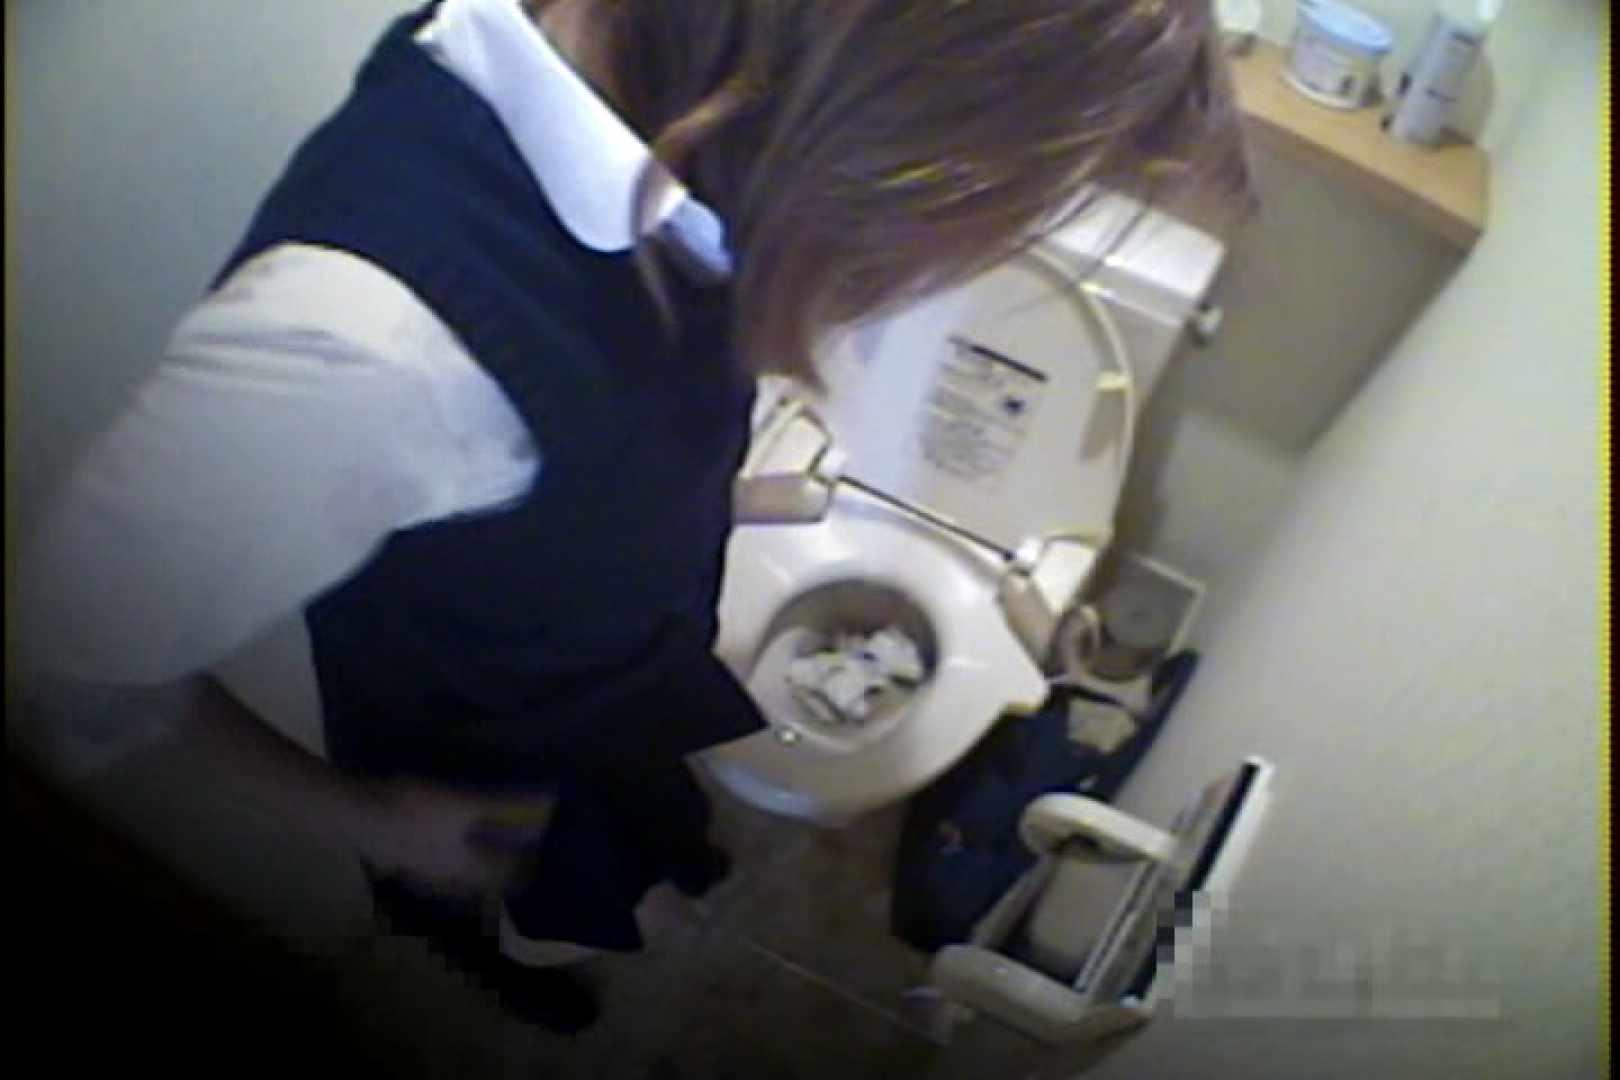 ギリギリアウトな嬢達Vol.8 洗面所はめどり オマンコ無修正動画無料 99画像 8